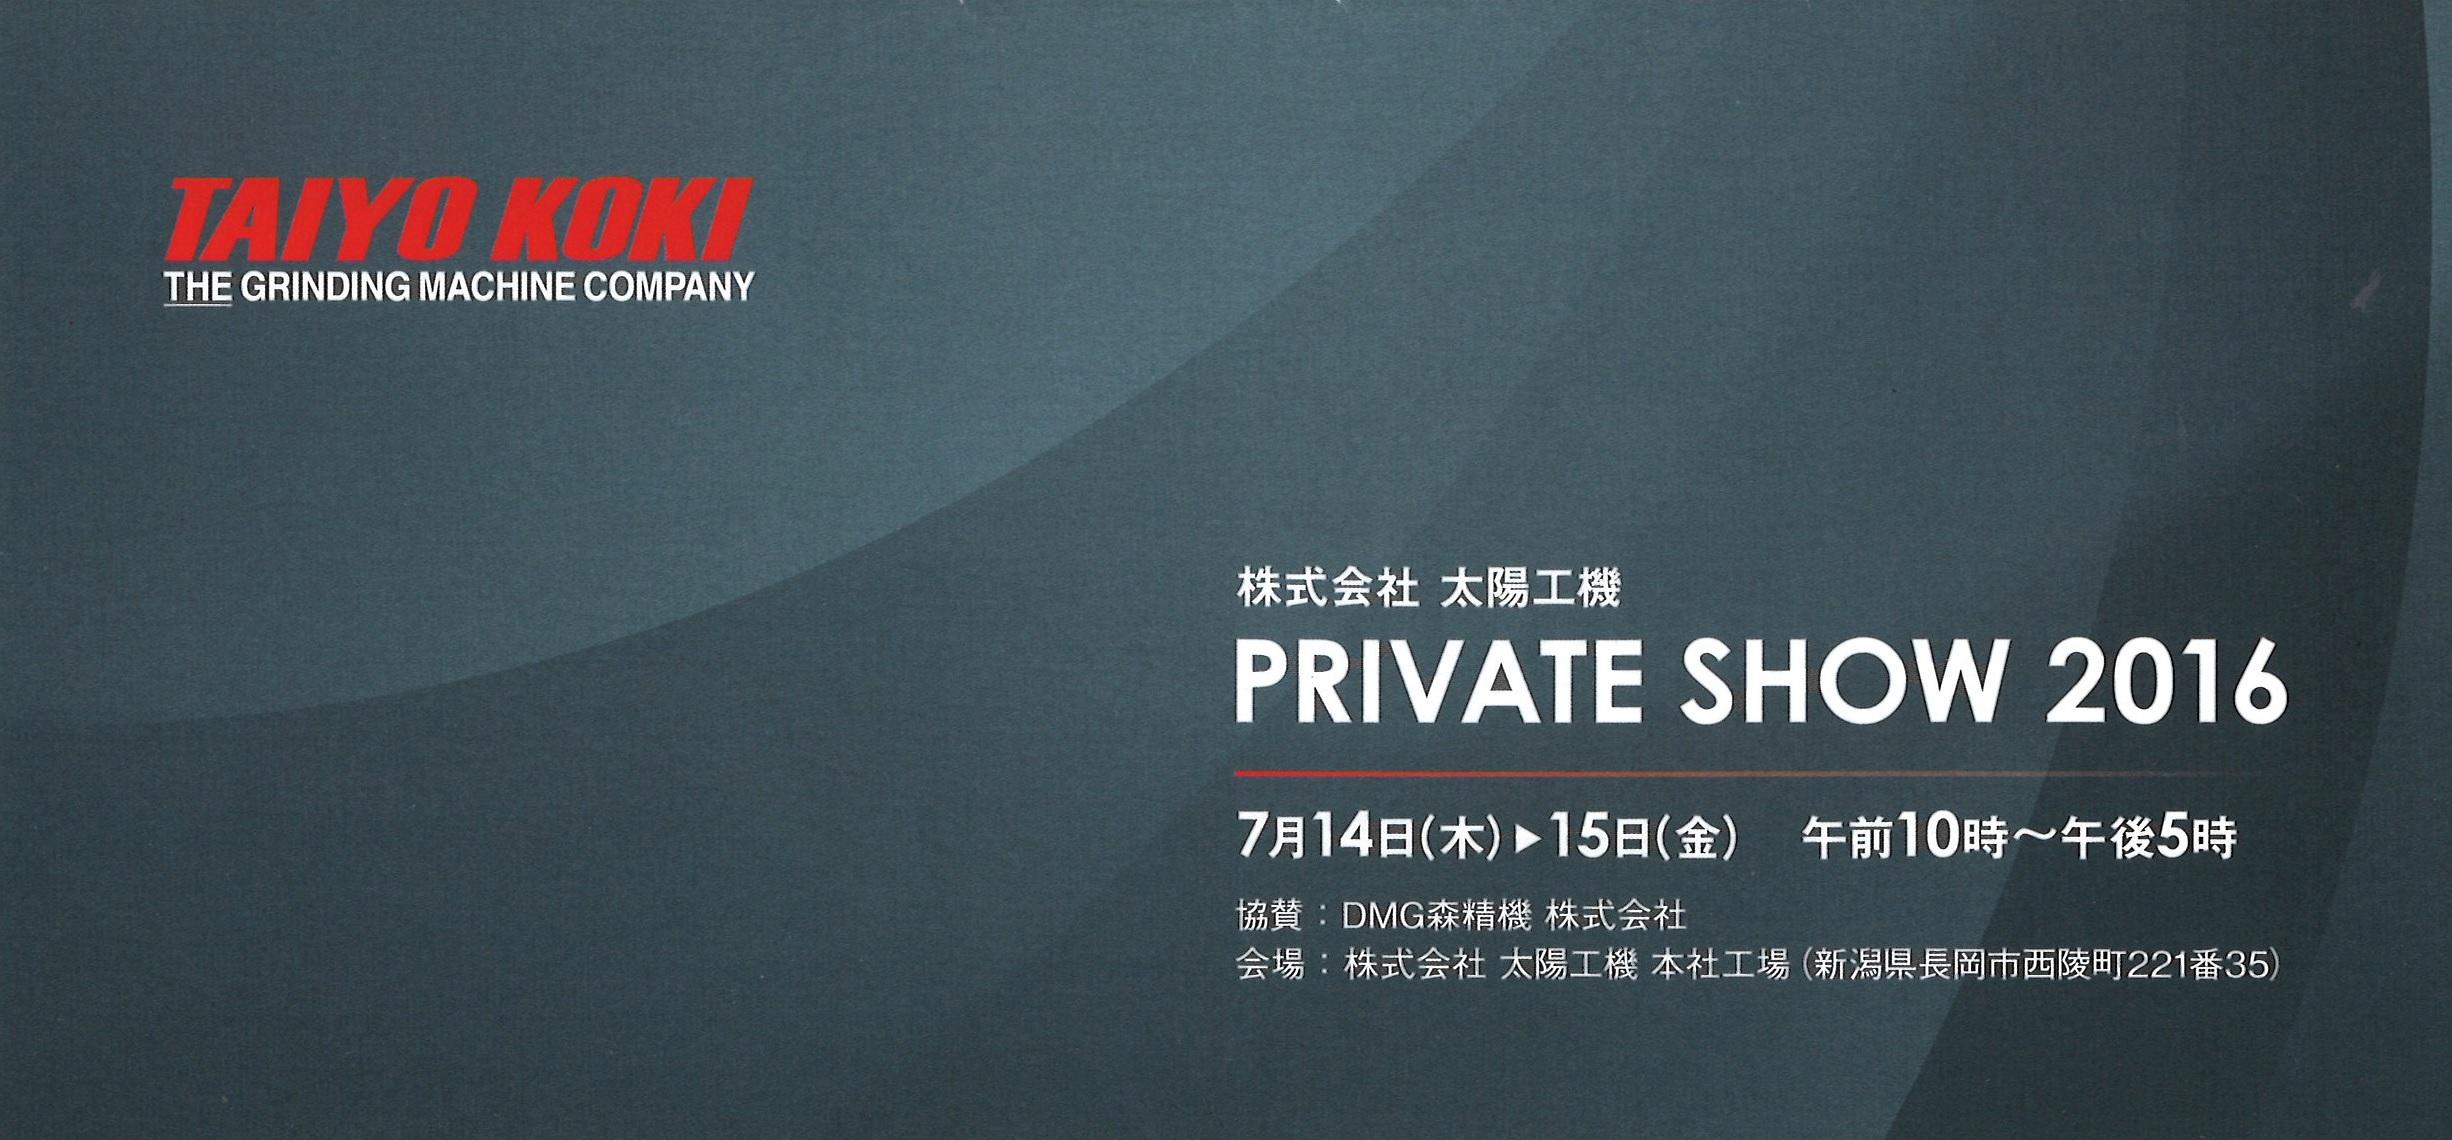 7月開催 太陽工機「PRIVATE SHOW 2016」展示会開催のお知らせ